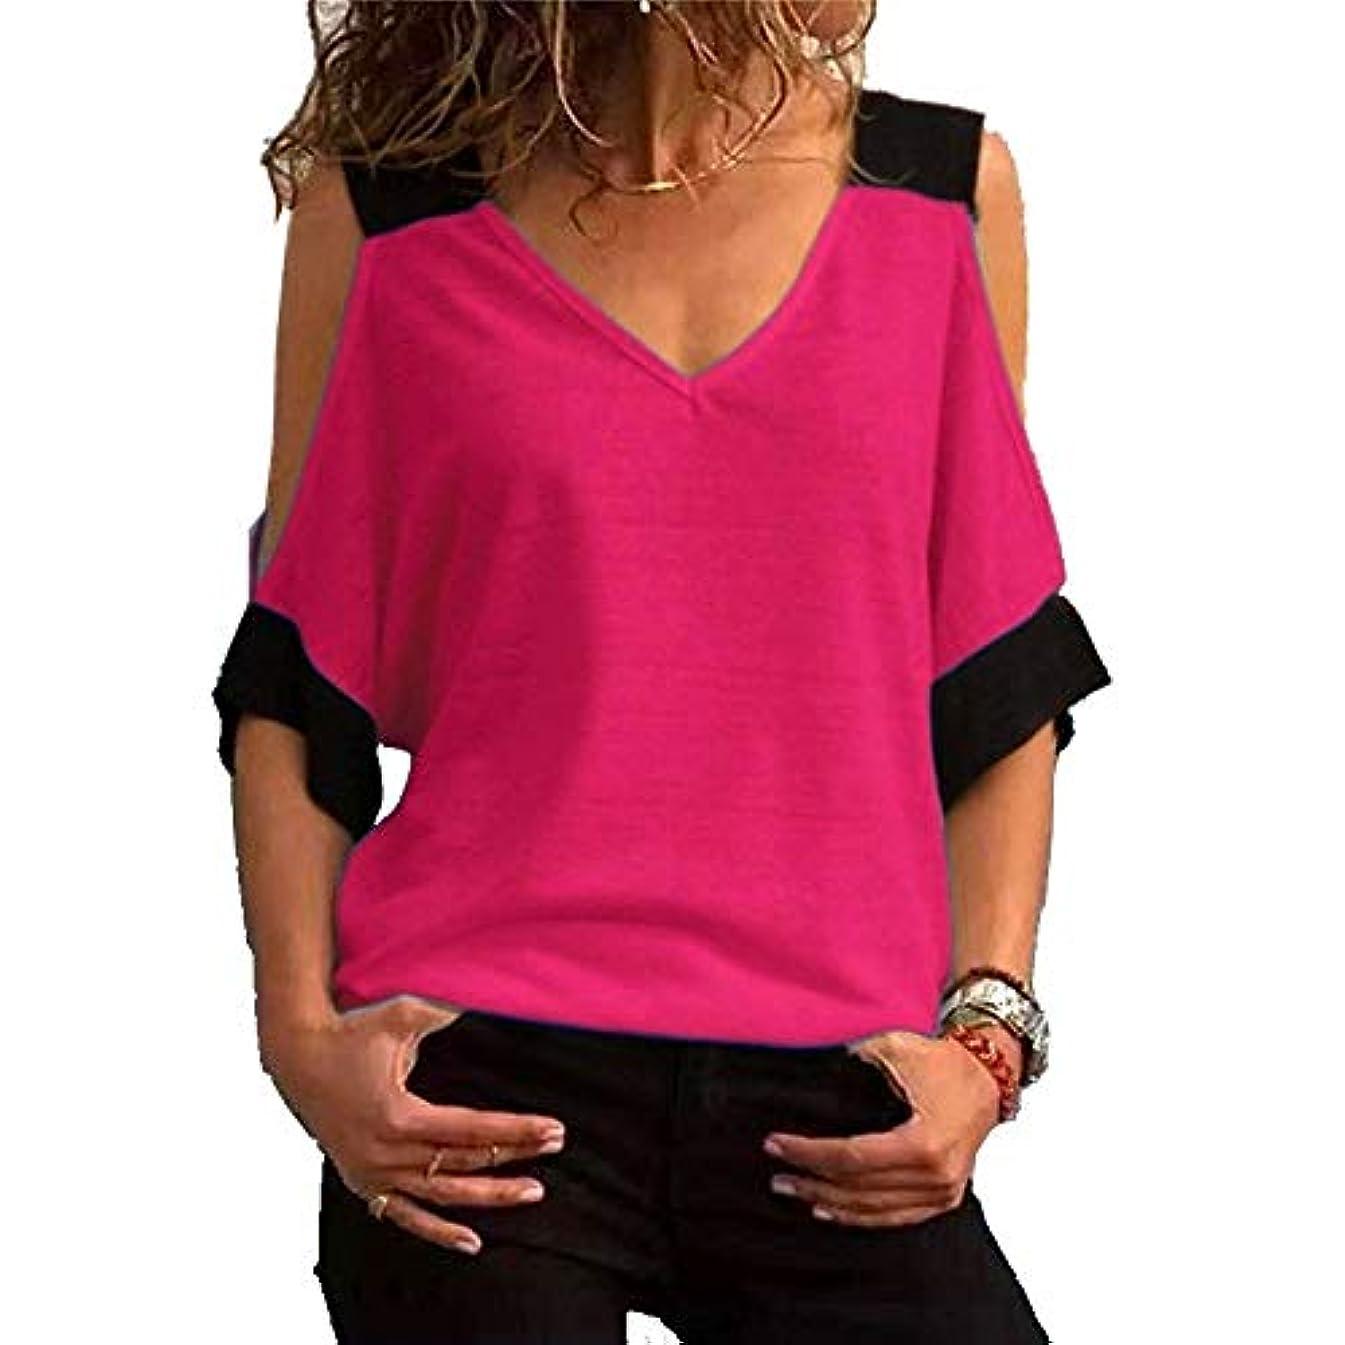 気取らない汚染雨MIFAN女性ファッションカジュアルトップス女性ショルダーブラウスコットンTシャツディープVネック半袖